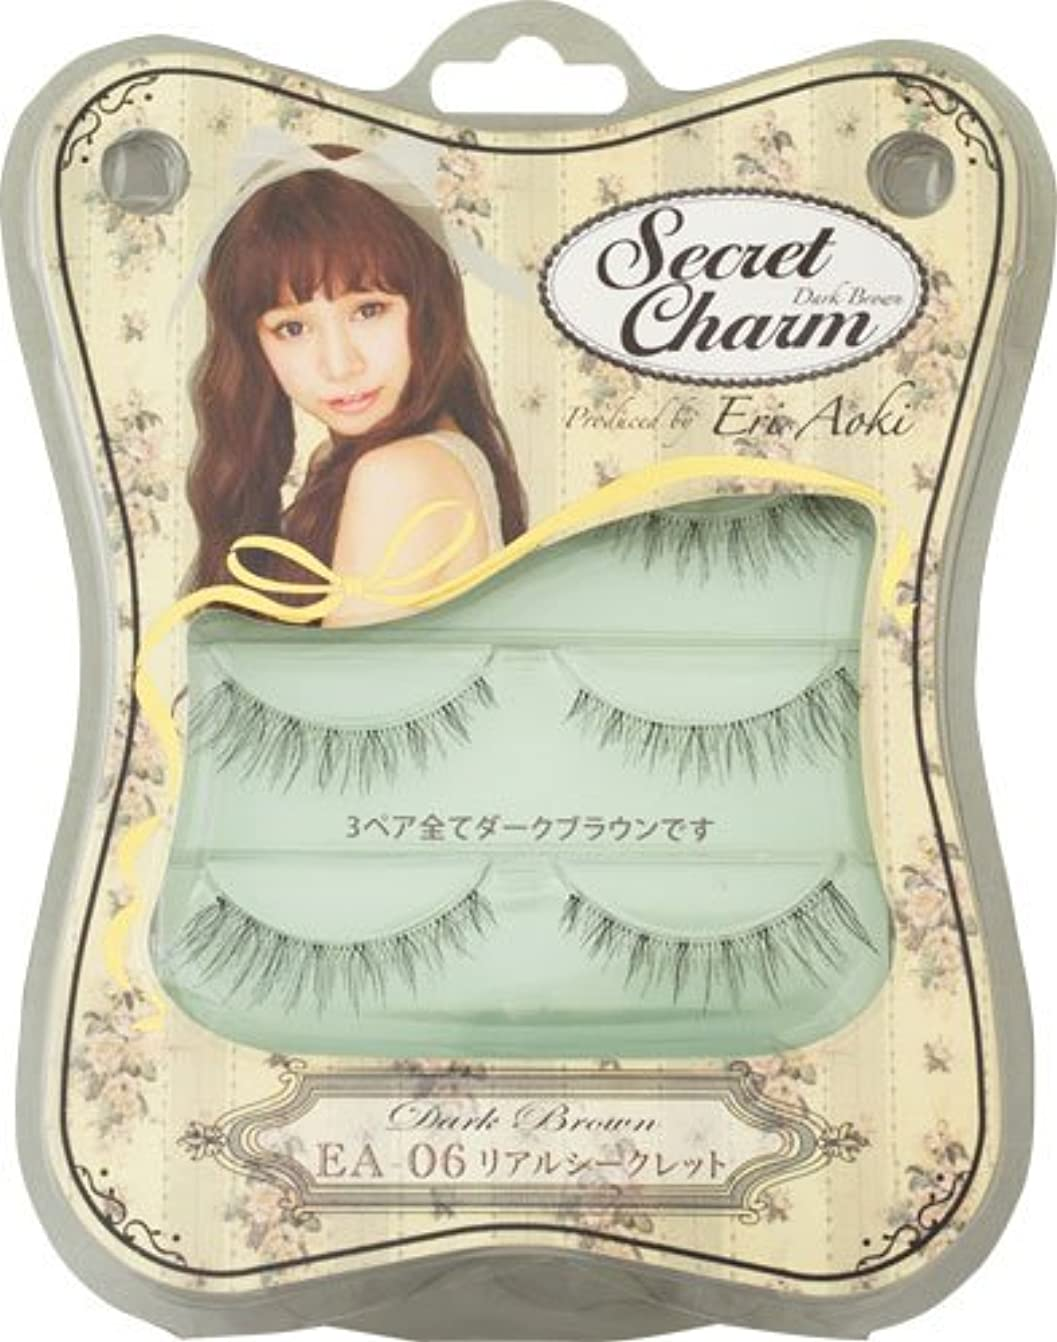 フェリーもっともらしい分解するSecret Charm  リアルシークレット ダークブラウン フルタイプ